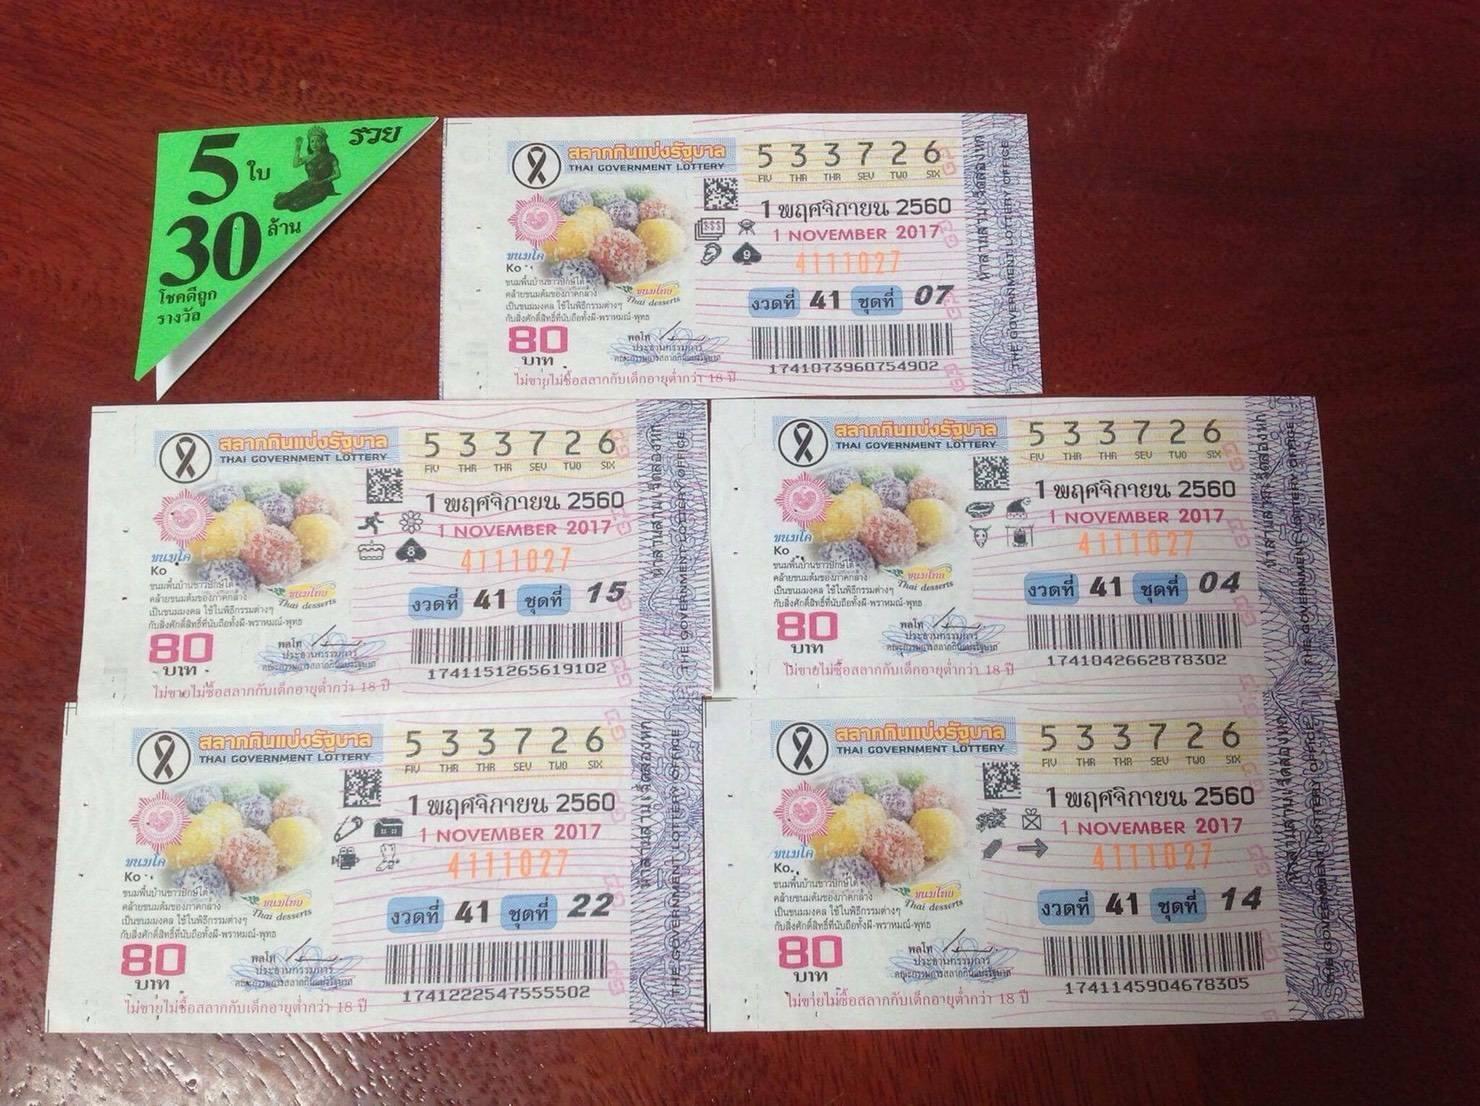 สลากกินแบ่งรัฐบาลงวดวันที่ 1 พฤศจิกายน 2560 จำนวน 5 ใบ ถูกรางวัลที่ 1 เป็นเงิน 30 ล้านบาท ที่เป็นคดีความแย่งชิงกันระหว่างนายปรีชา ใคร่ครวญ ครูชำนาญการ และ ร.ต.ท.จรูญ วิมูล อดีตข้าราชการตำรวจ ใน จ.กาญจนบุรี